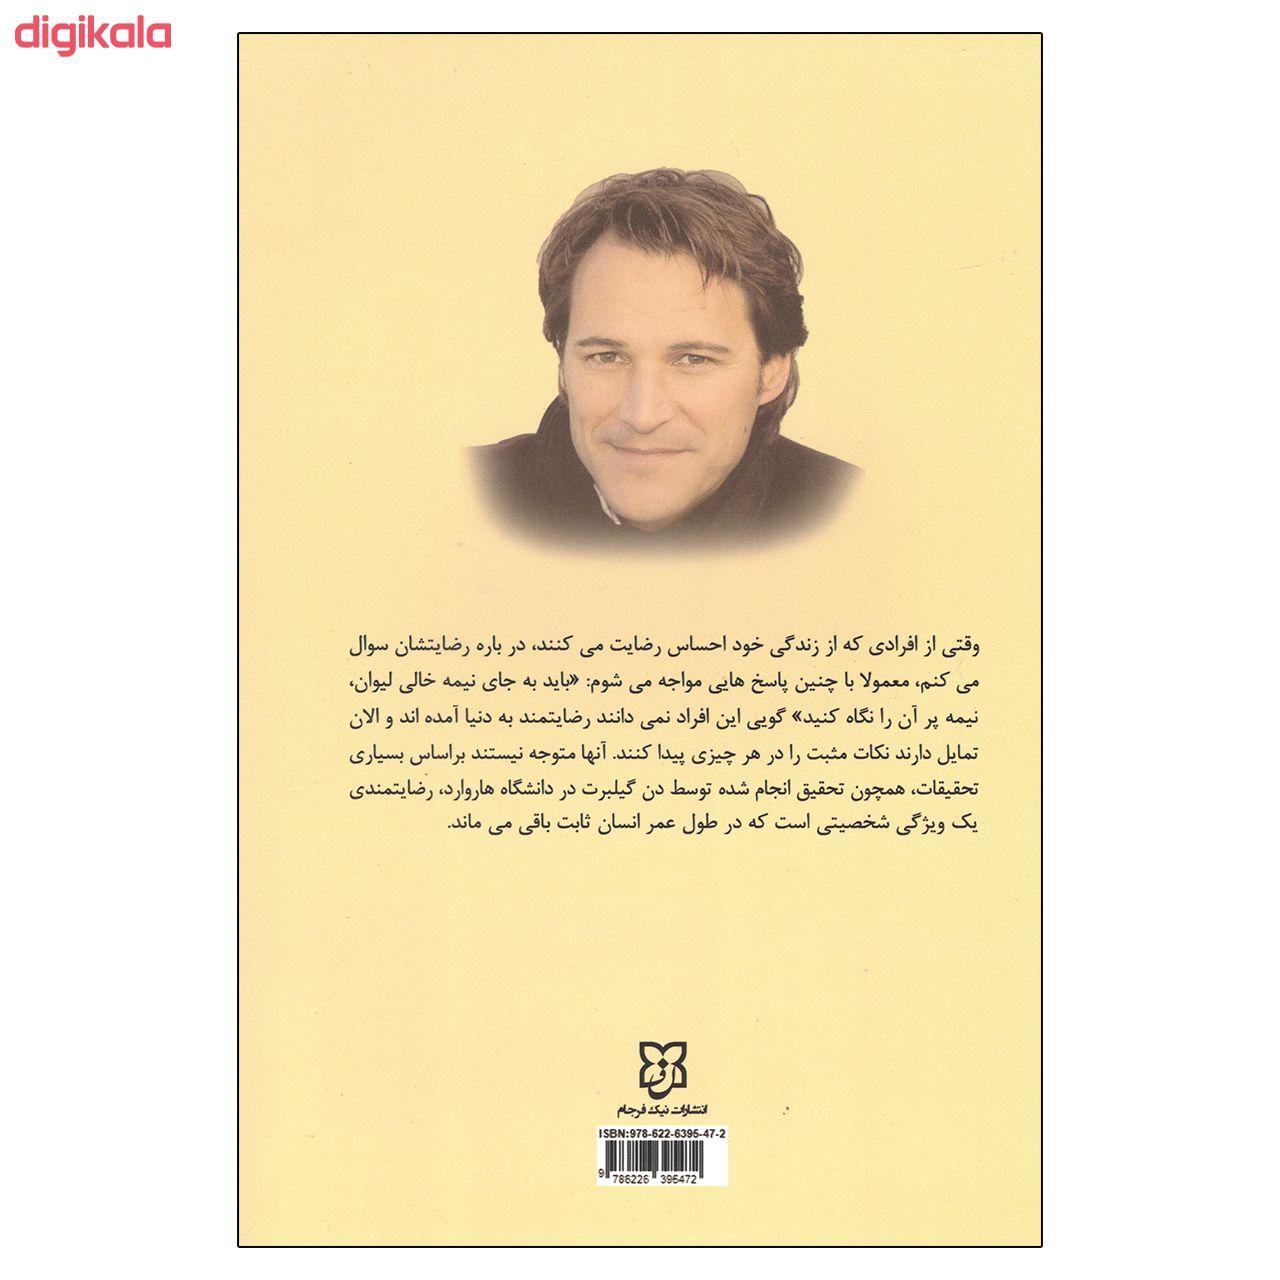 کتاب هنر شفاف اندیشیدن اثر رولف دوبلی نشر نیک فرجام main 1 1